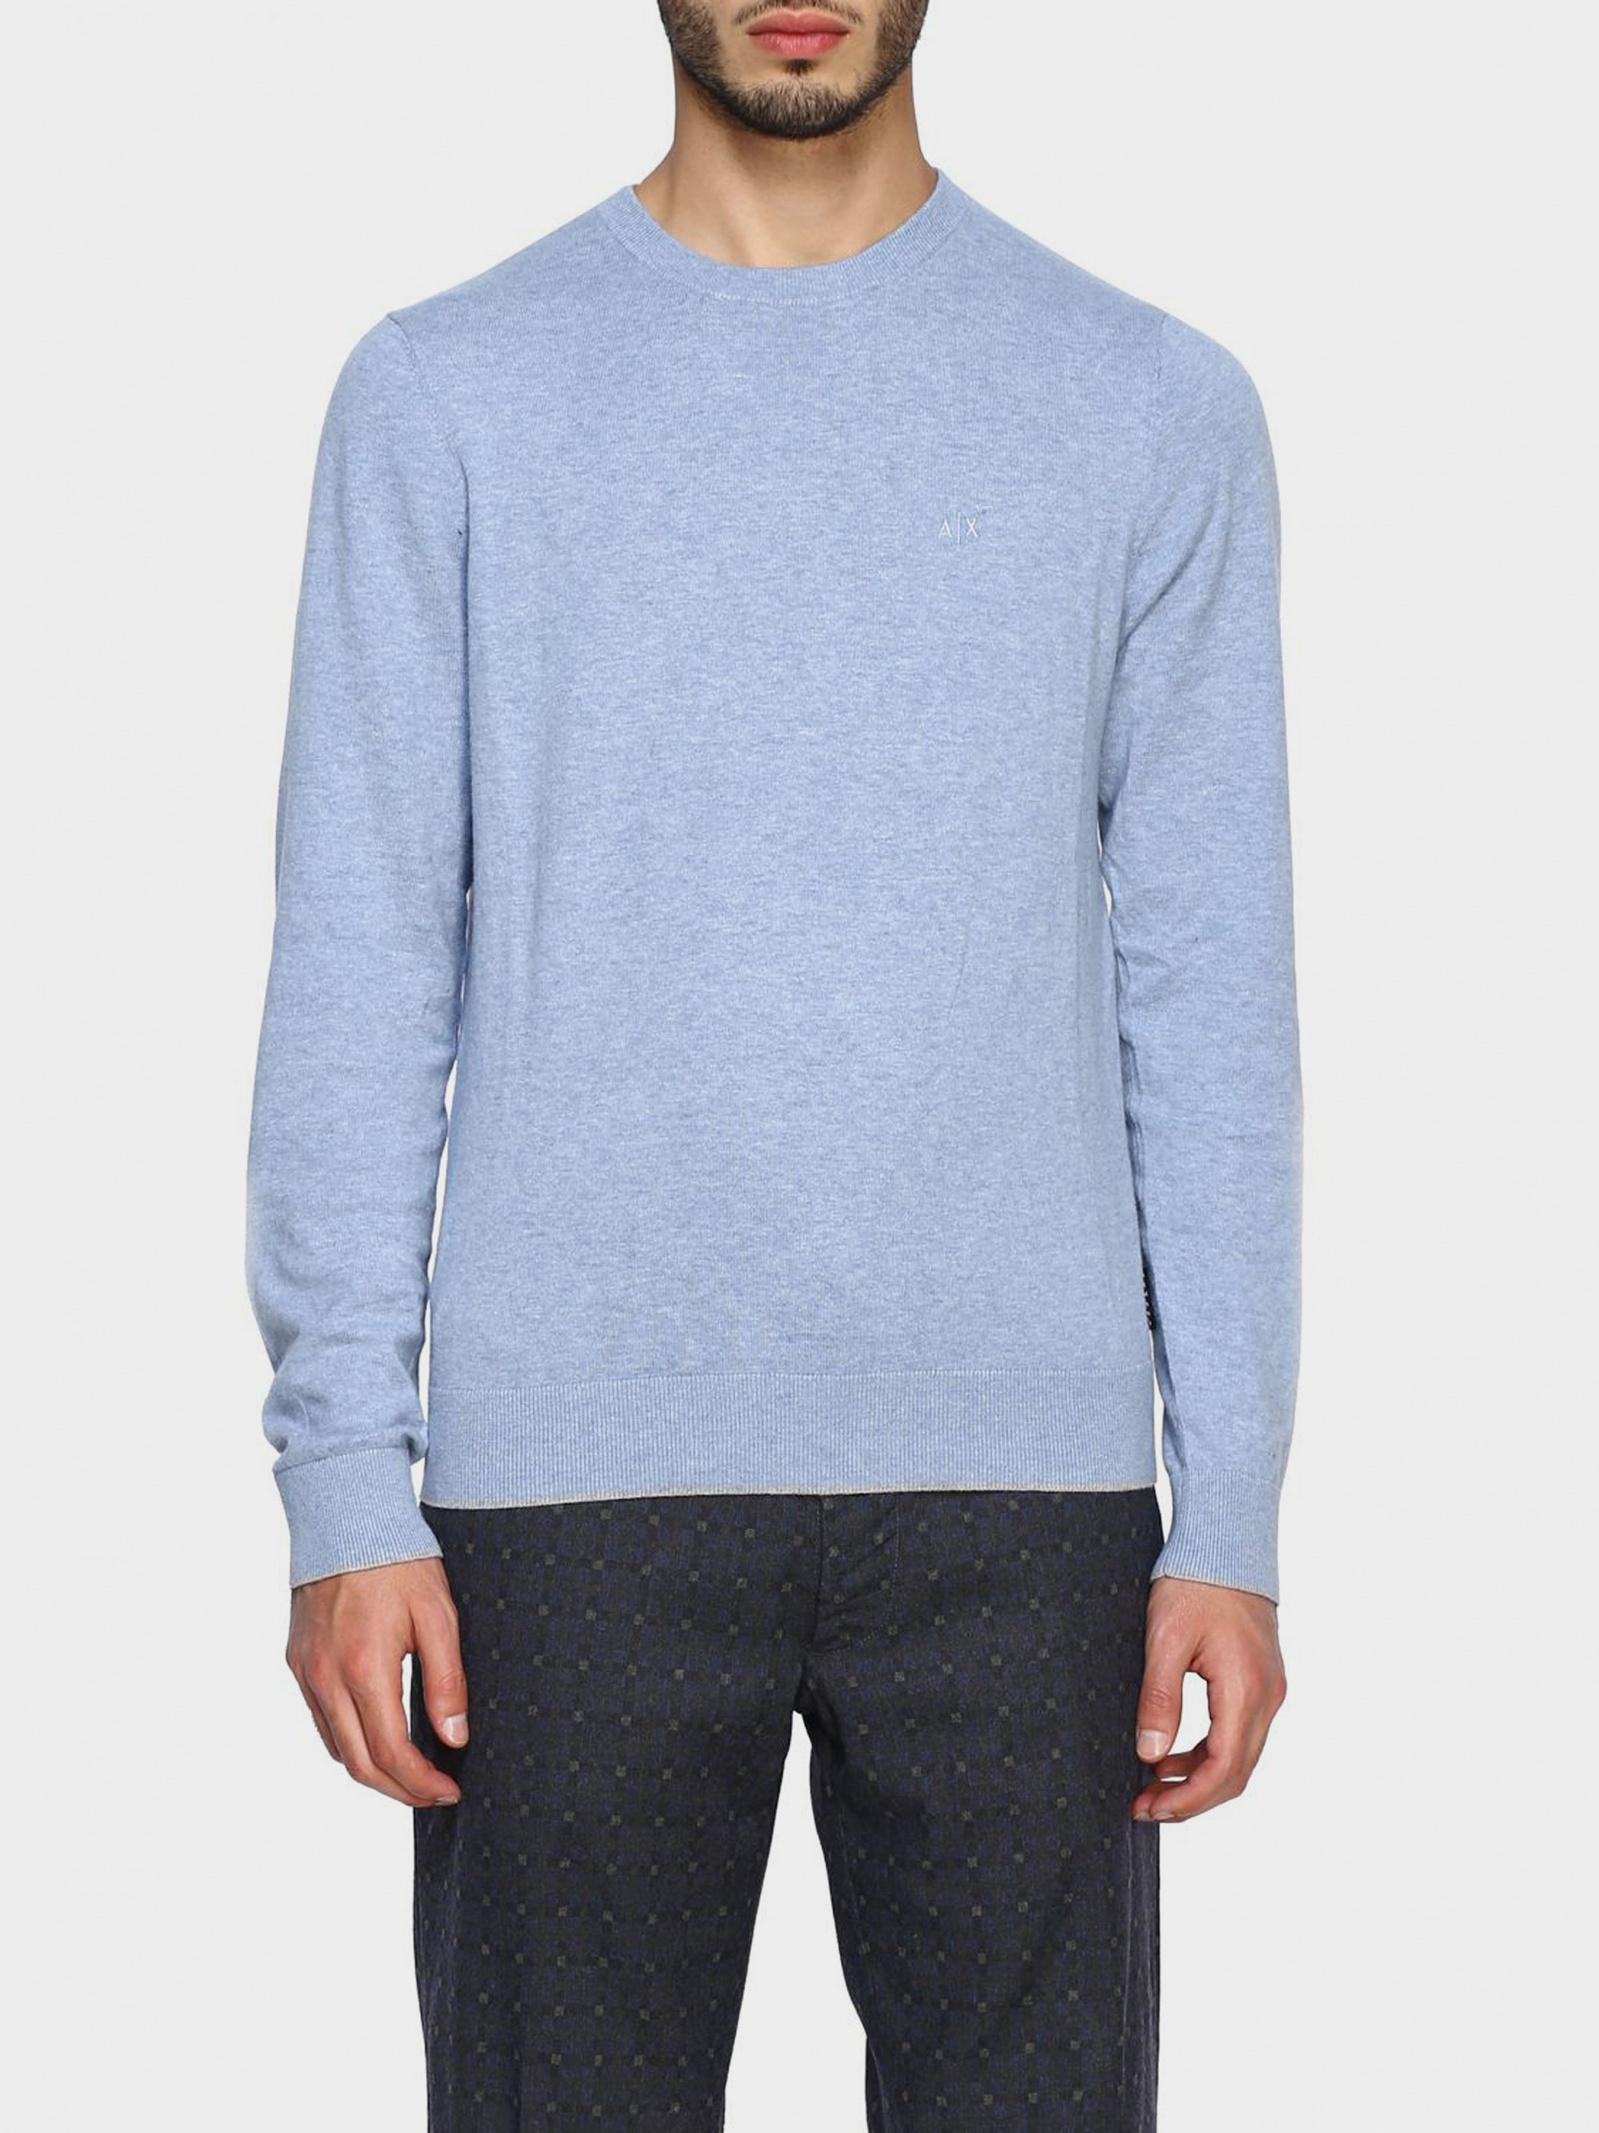 Кофты и свитера мужские Armani Exchange модель WH2485 купить, 2017